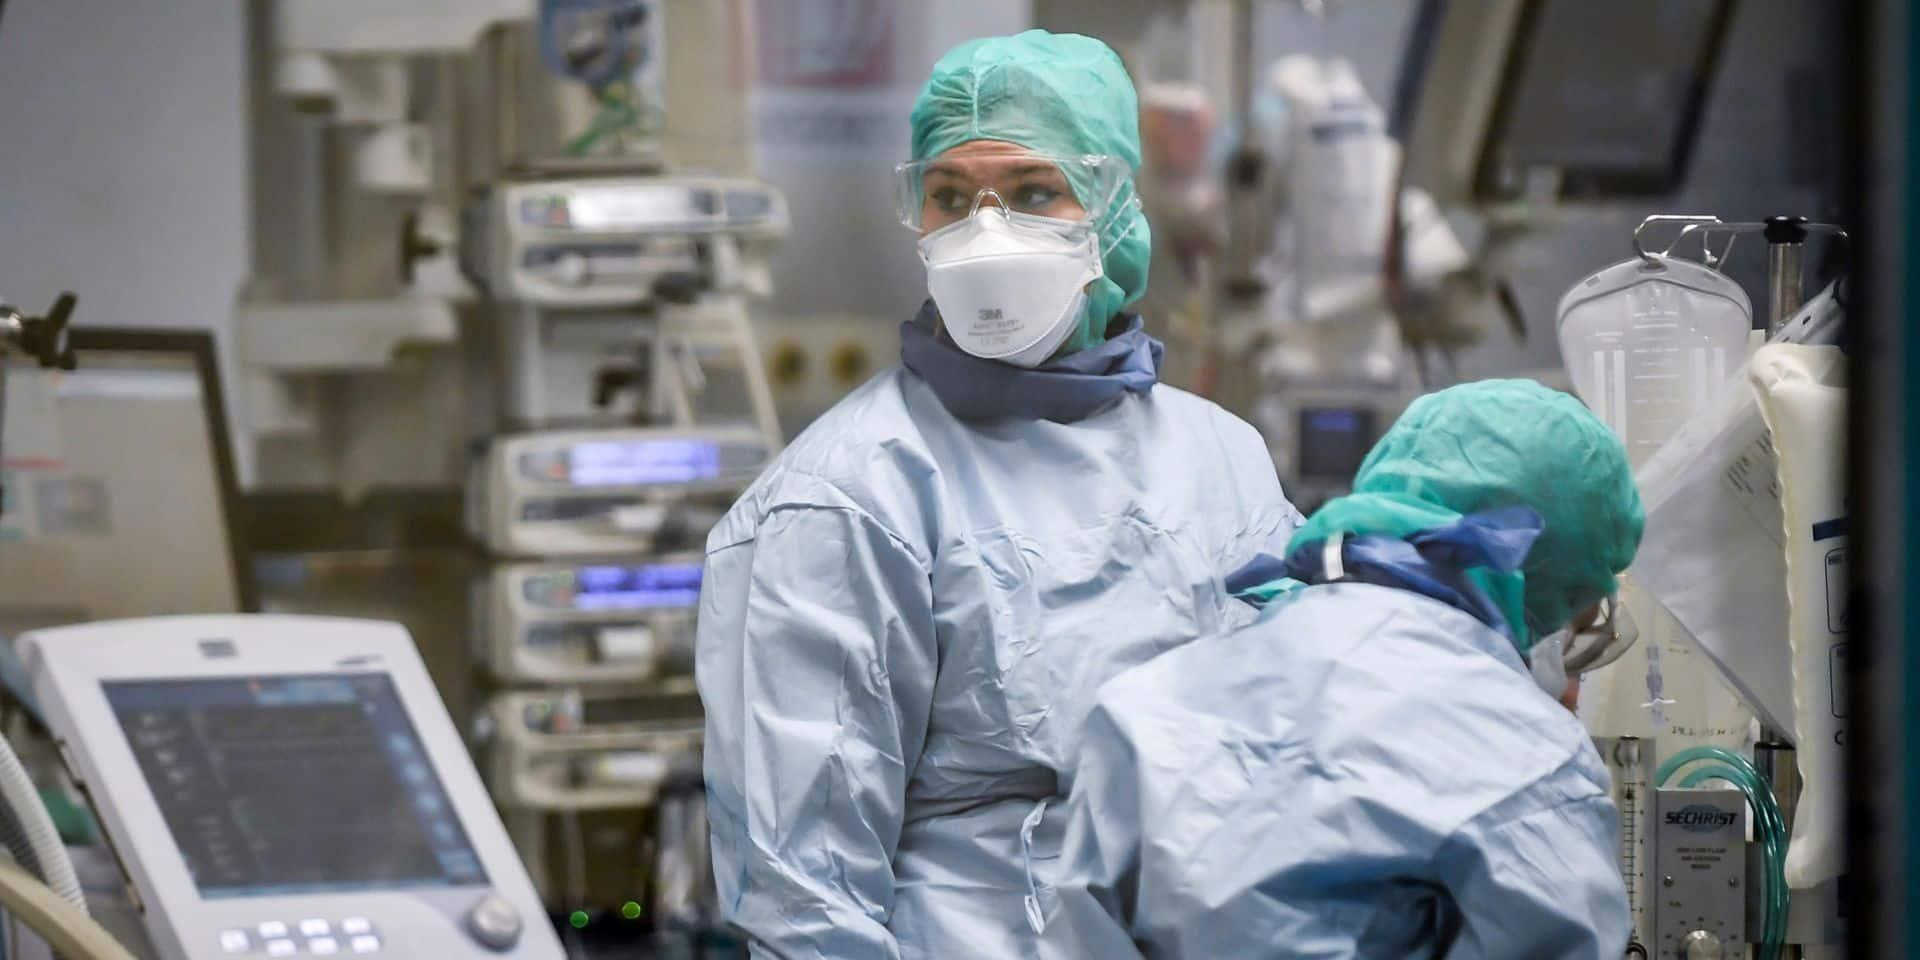 Après 4 jours de baisse, la tendance repart à la hausse en Italie: 4.492 nouvelles contaminations, un total de 8.000 morts